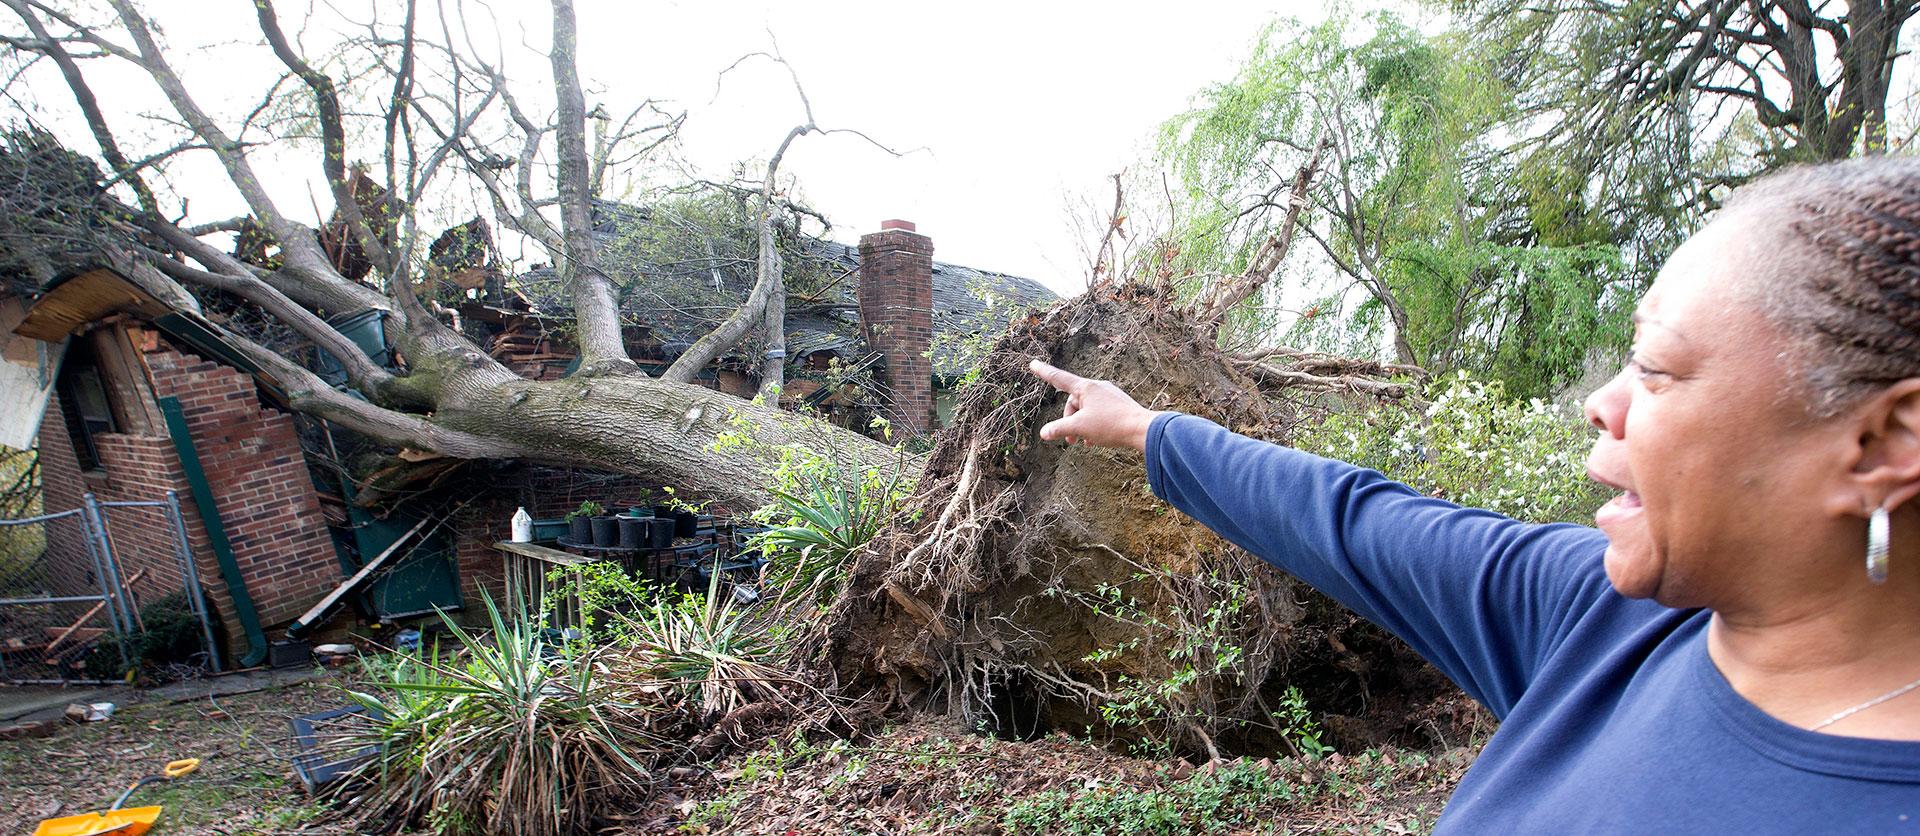 Shirl Davis muestra lo que le sucedió a la casa de su vecina el día después del tornado que afectó a la ciudaddeGreensboro, en North Carolina